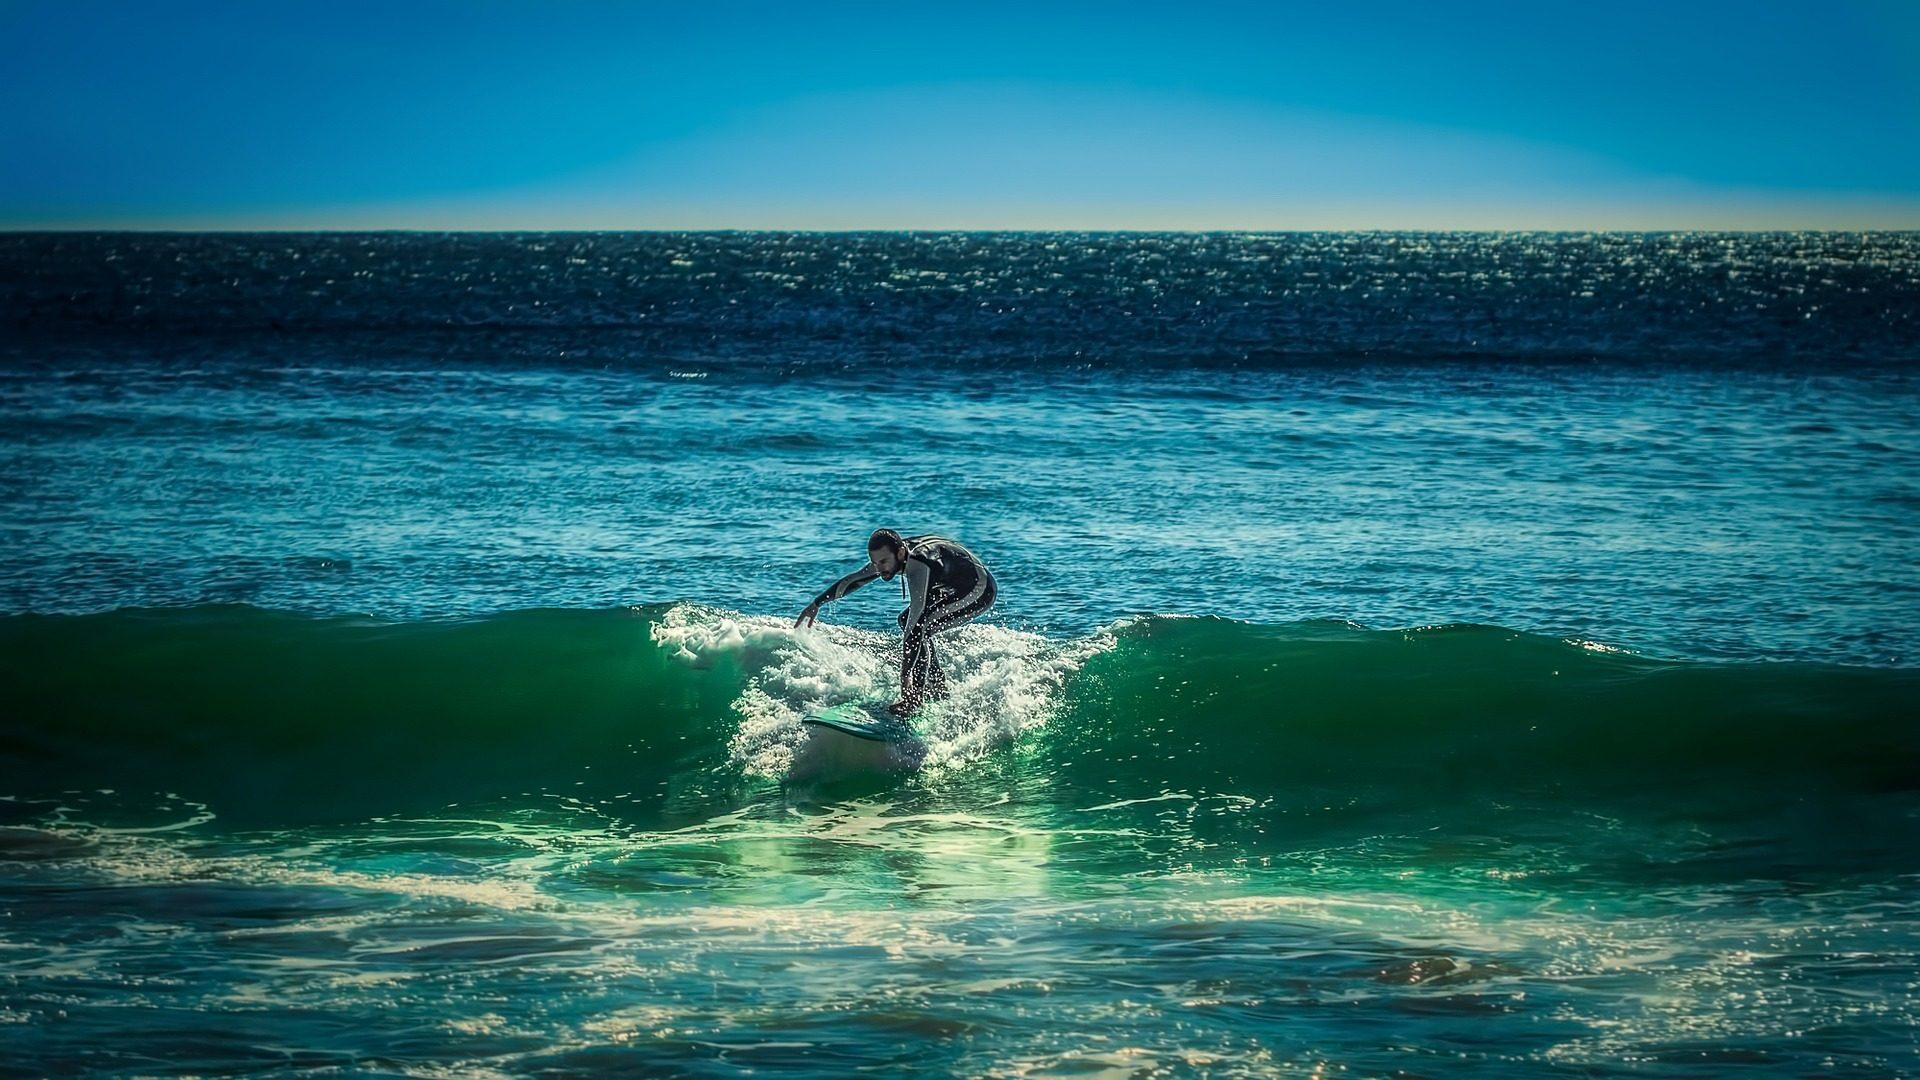 سيرفر, تصفح, الشاطئ, موجات, البحر - خلفيات عالية الدقة - أستاذ falken.com